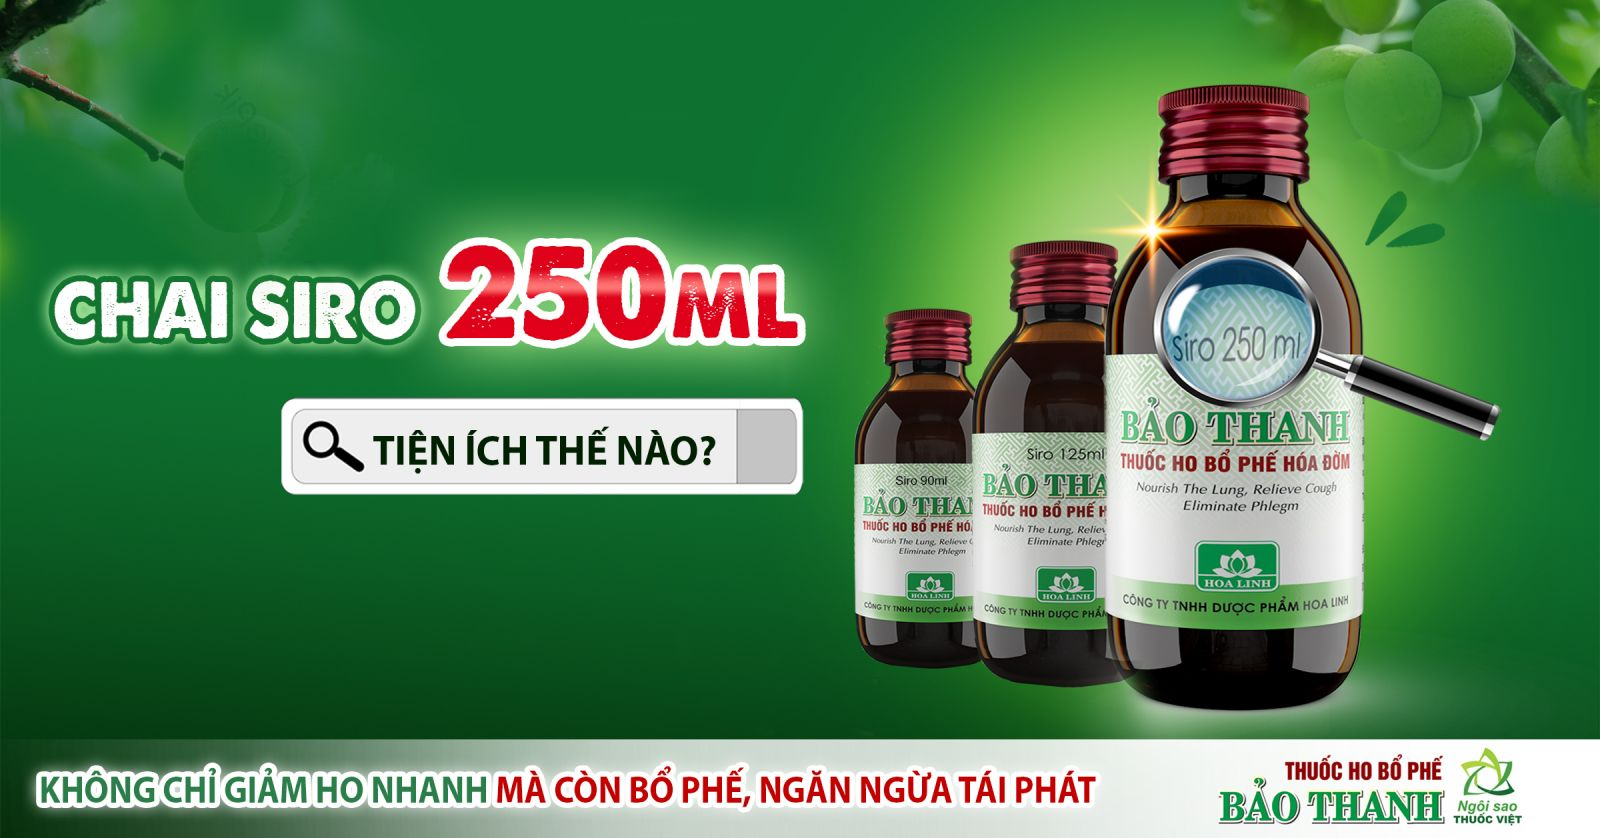 Thuốc ho bổ phế Bảo Thanh - Tiện ích của dạng chai siro 250ml